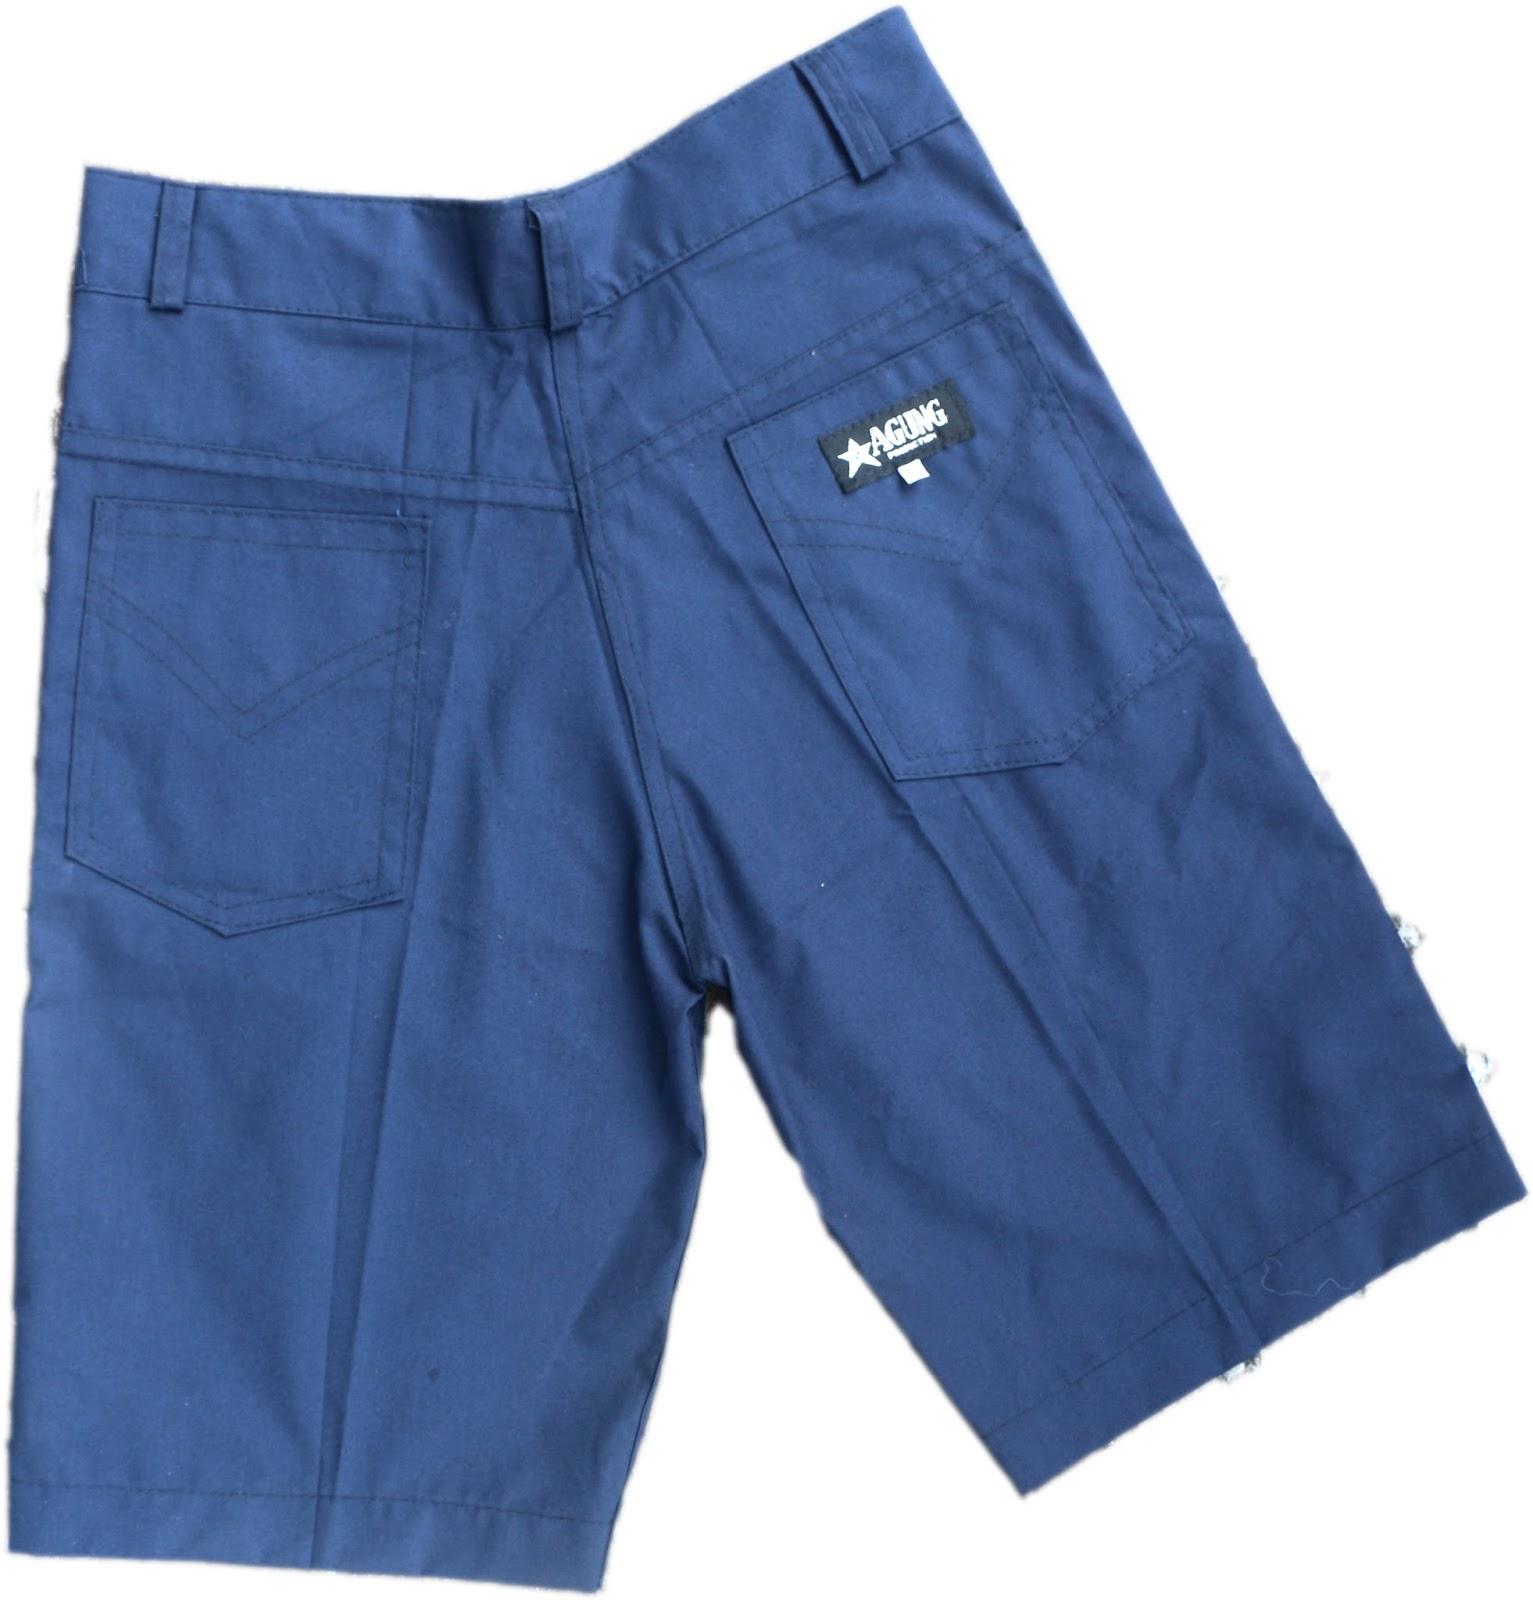 celana biru pendek